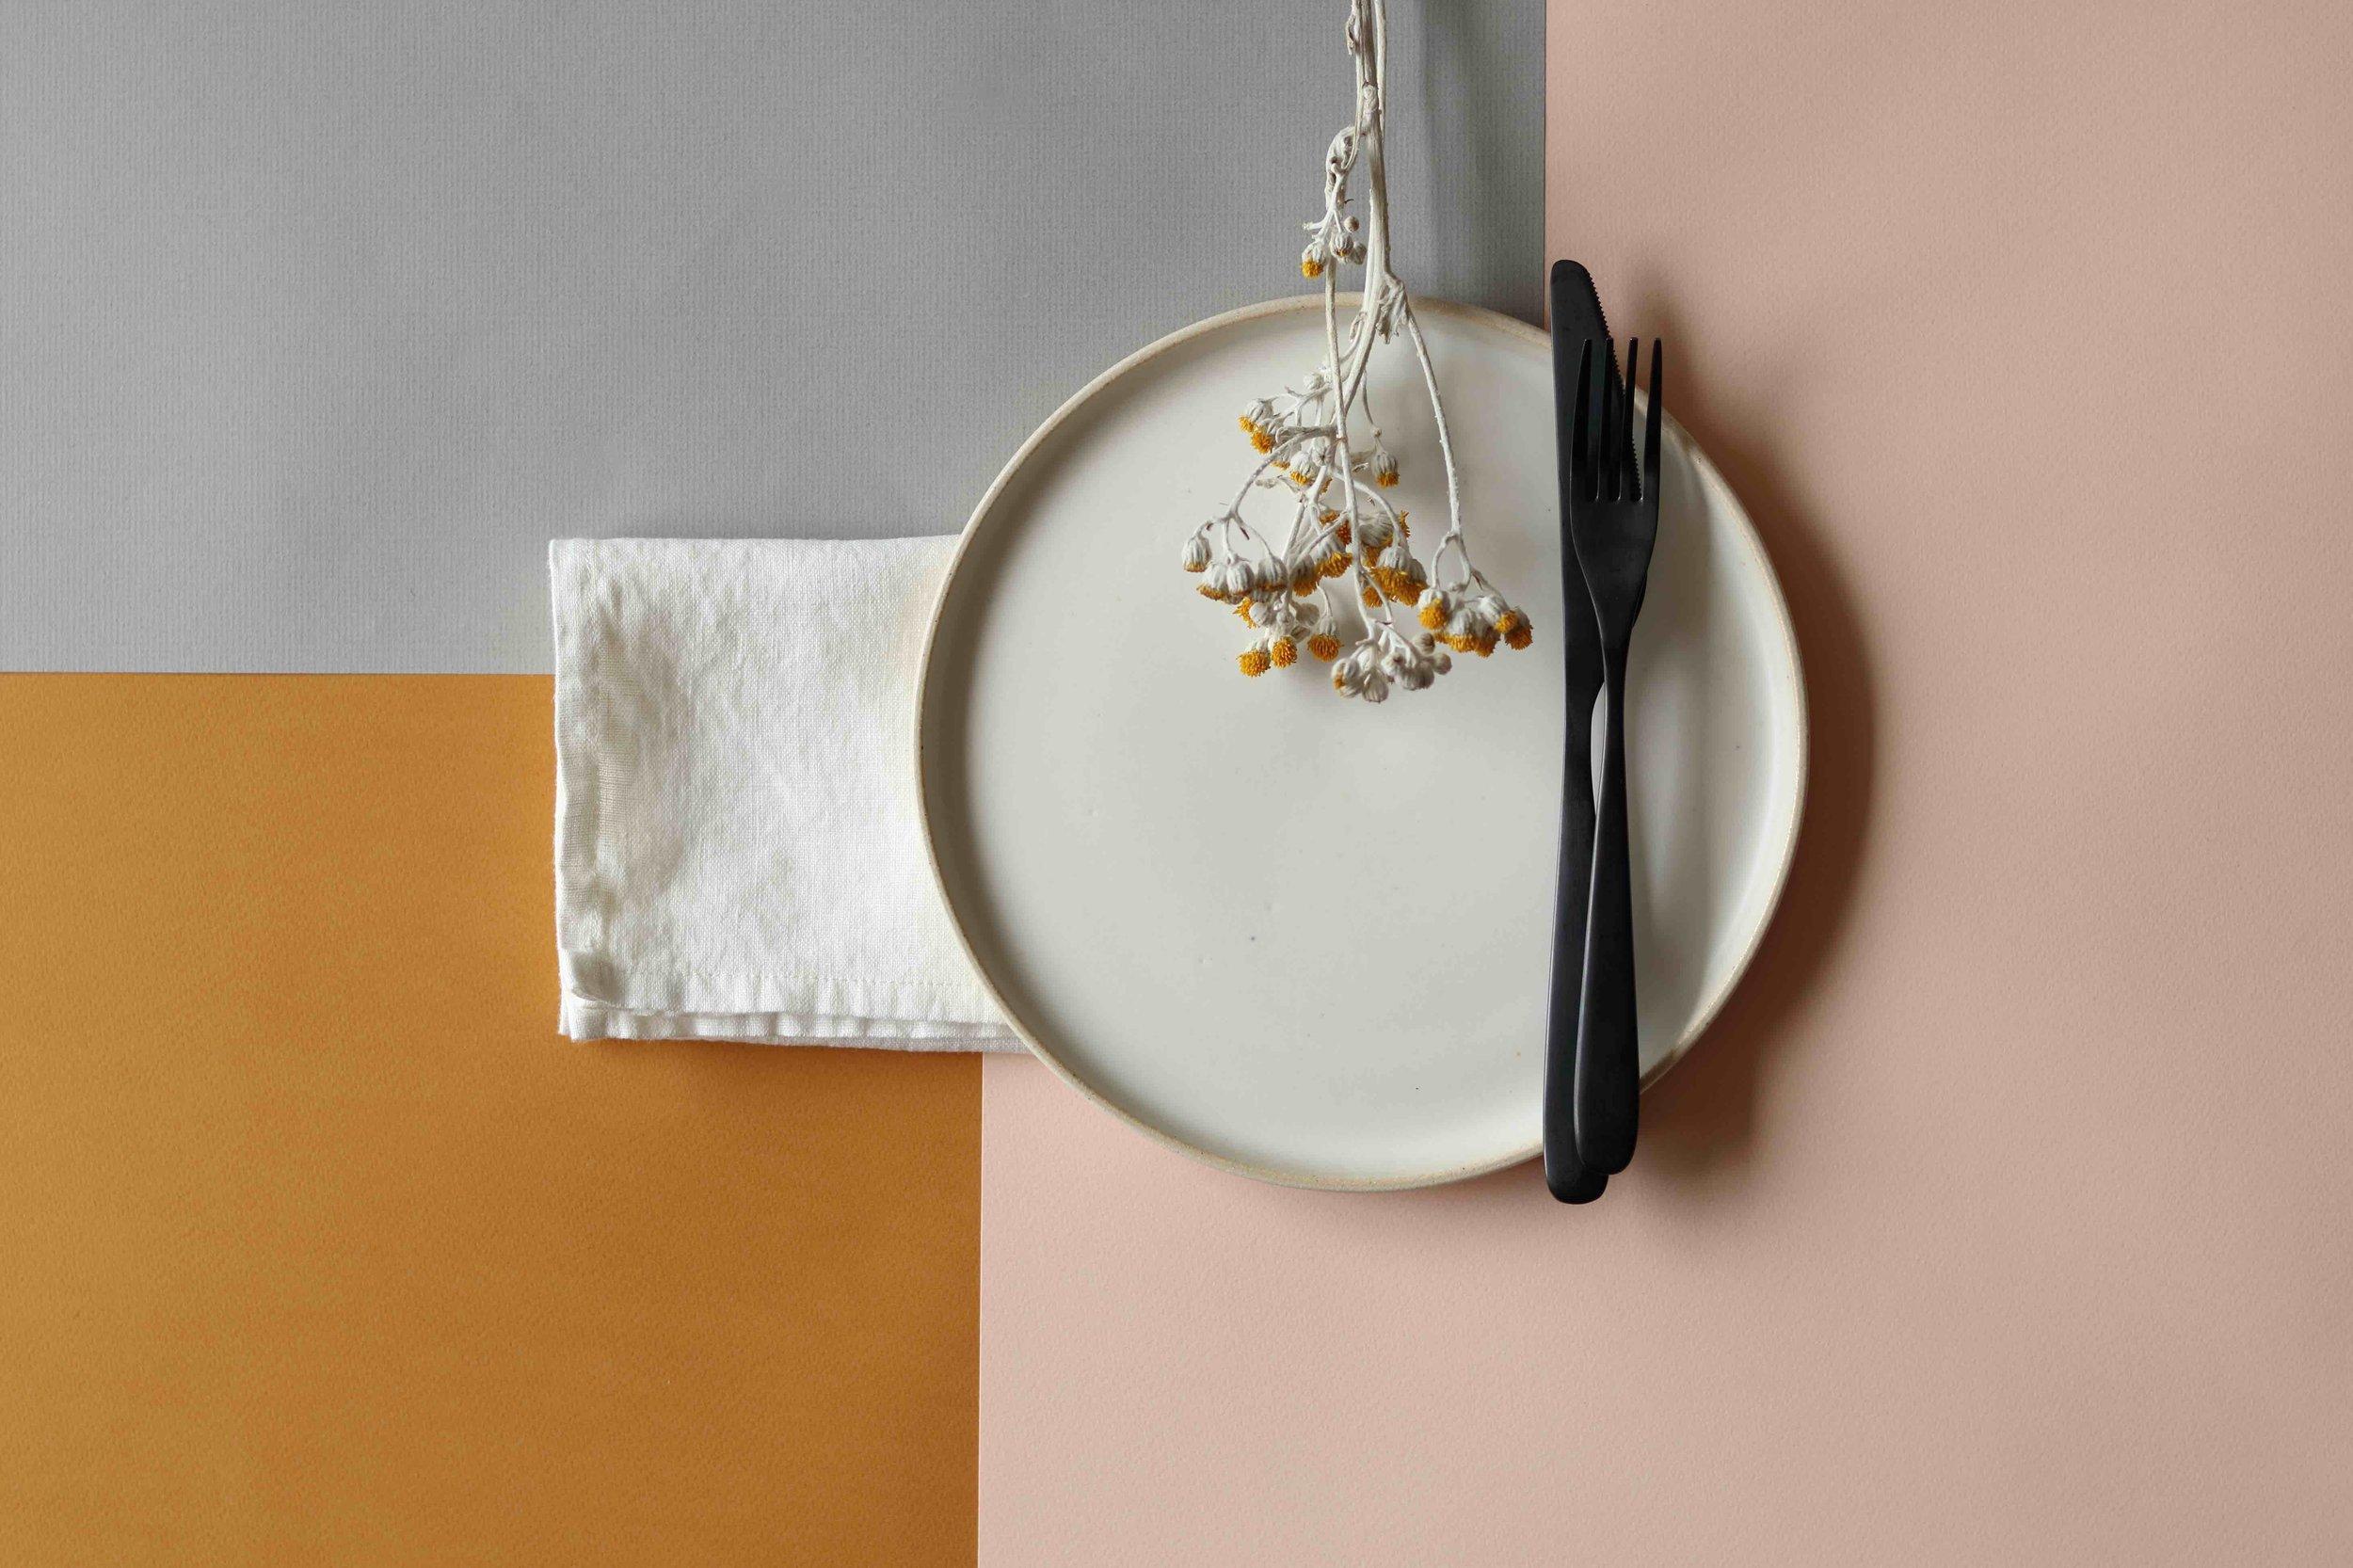 Oyster Linen Plate2.jpg